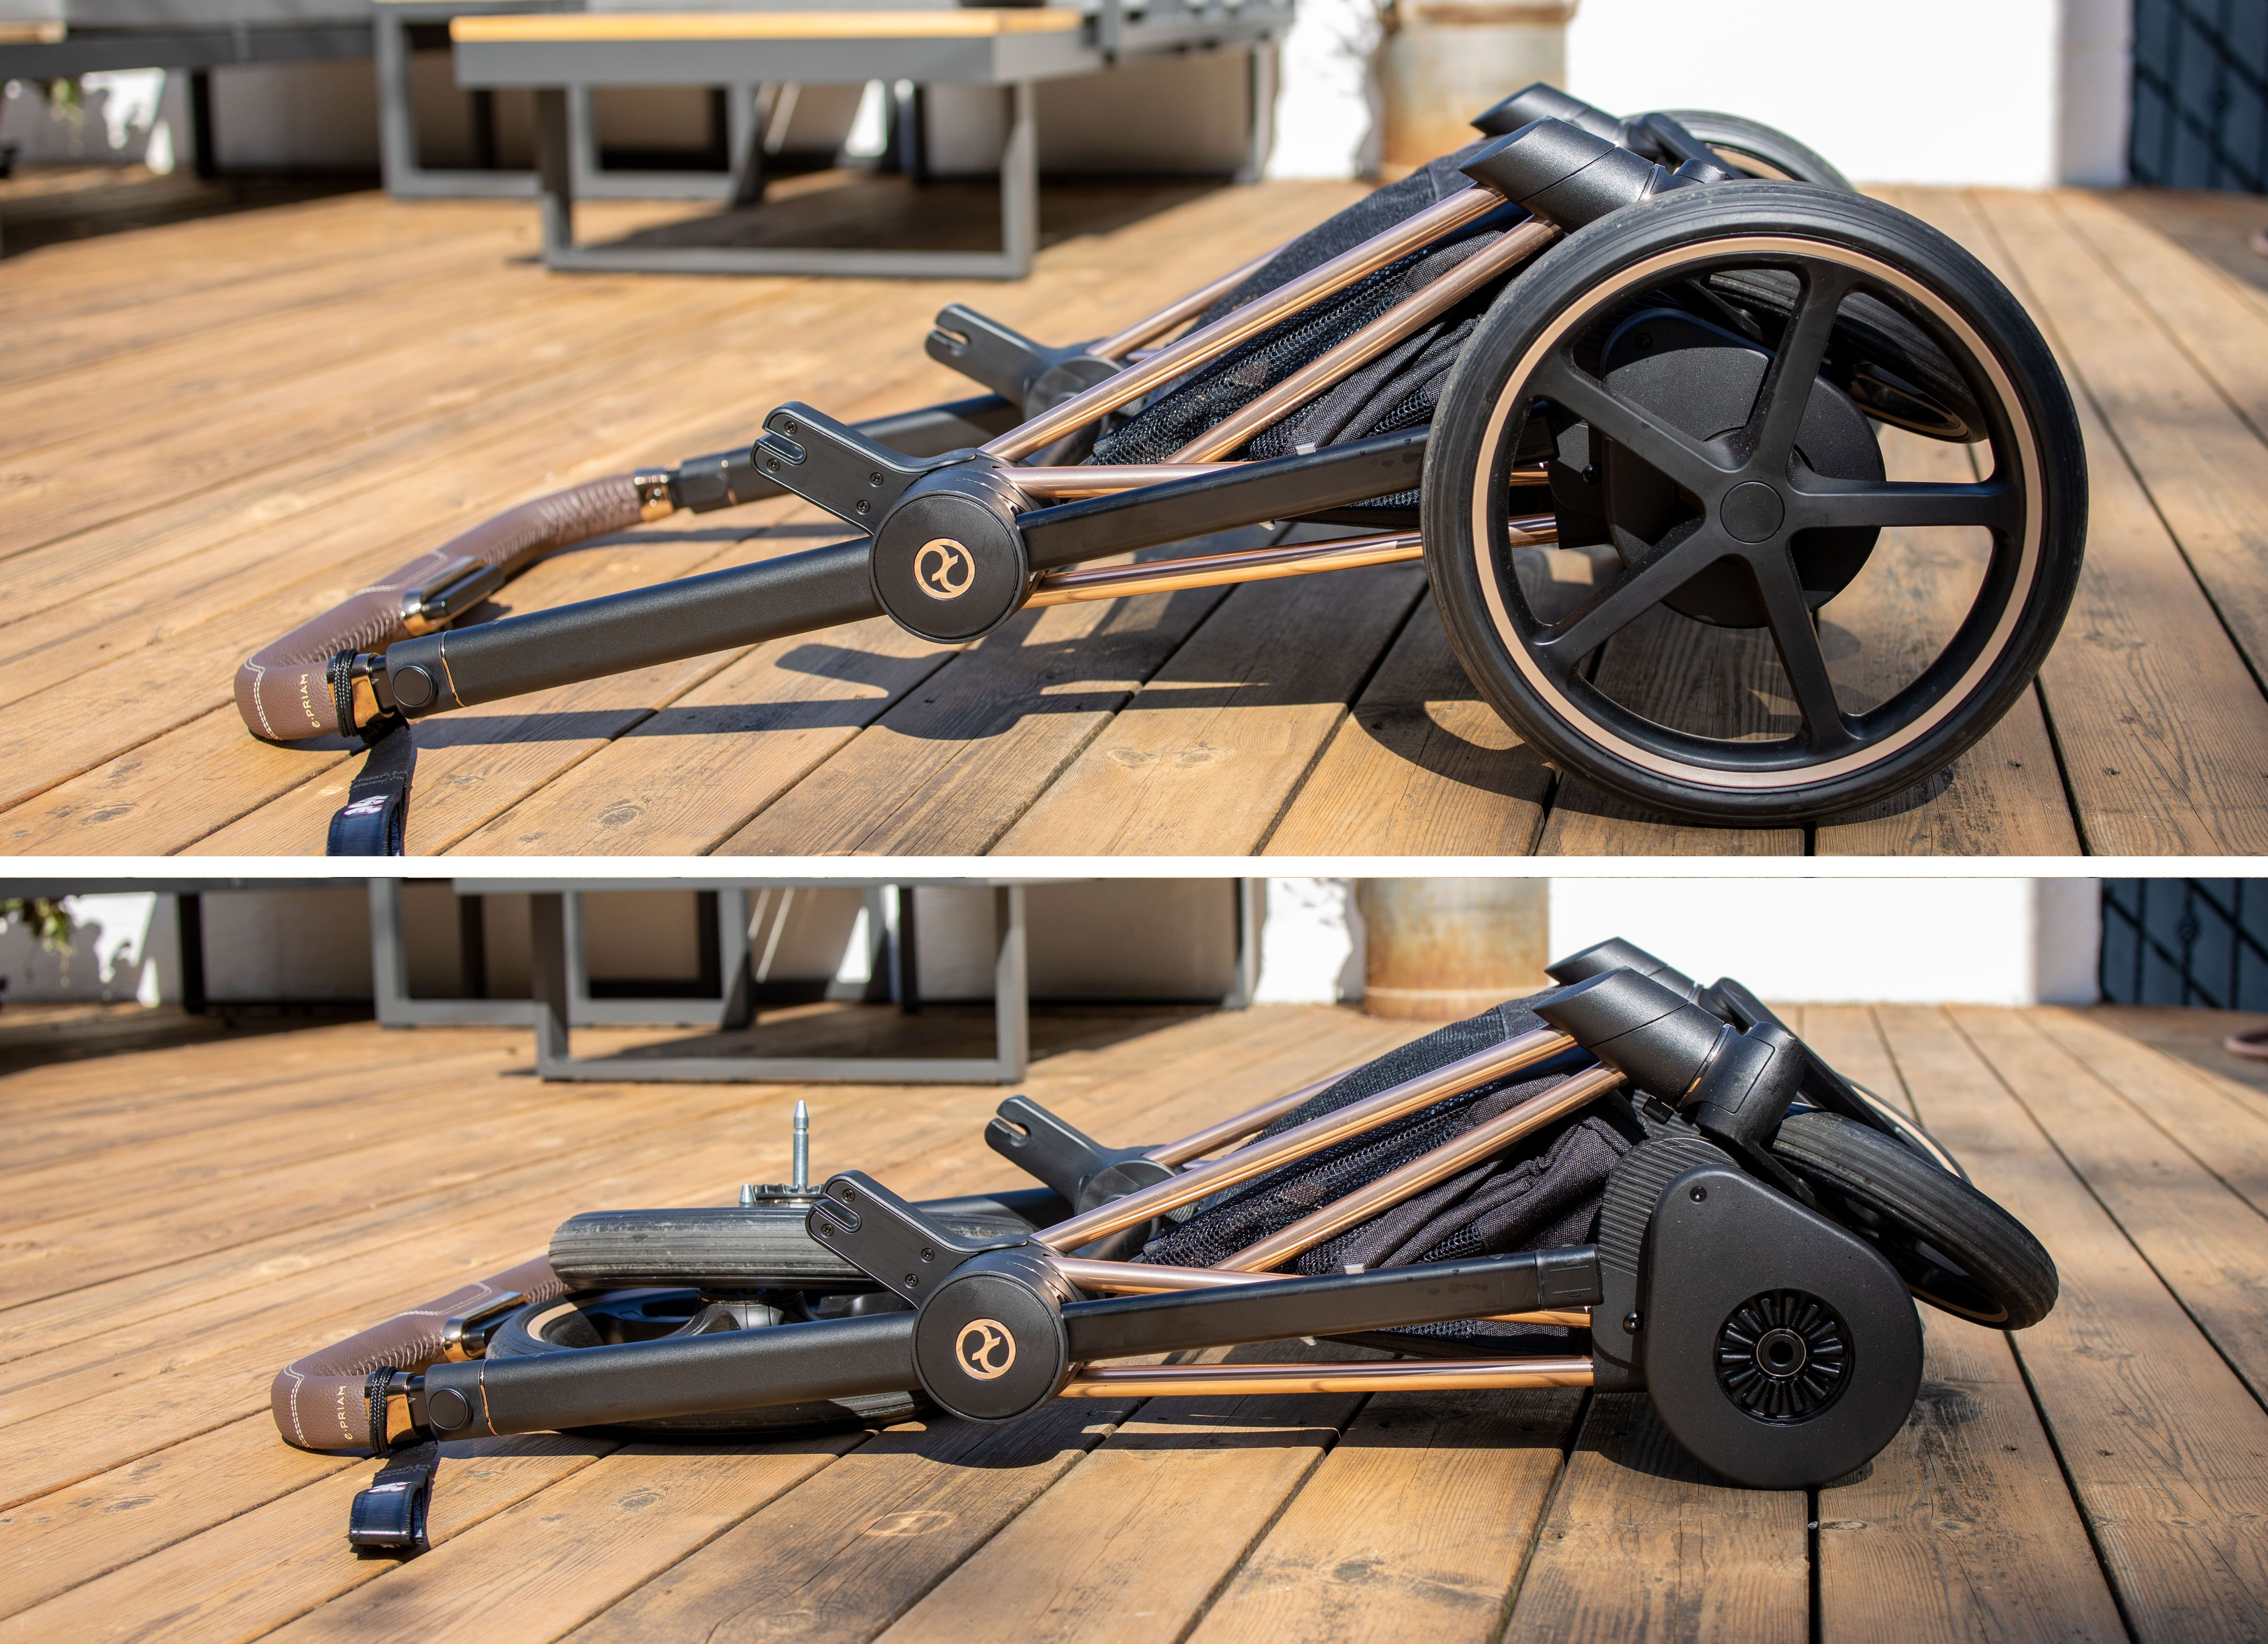 Vognen er enkel å folde sammen, og blir ganske så liten, spesielt hvis man tar av hjulene. Dette gjør man med et enkelt trykk på en utløserknapp ved hvert hjul, og de klikker enkelt tilbake igjen.